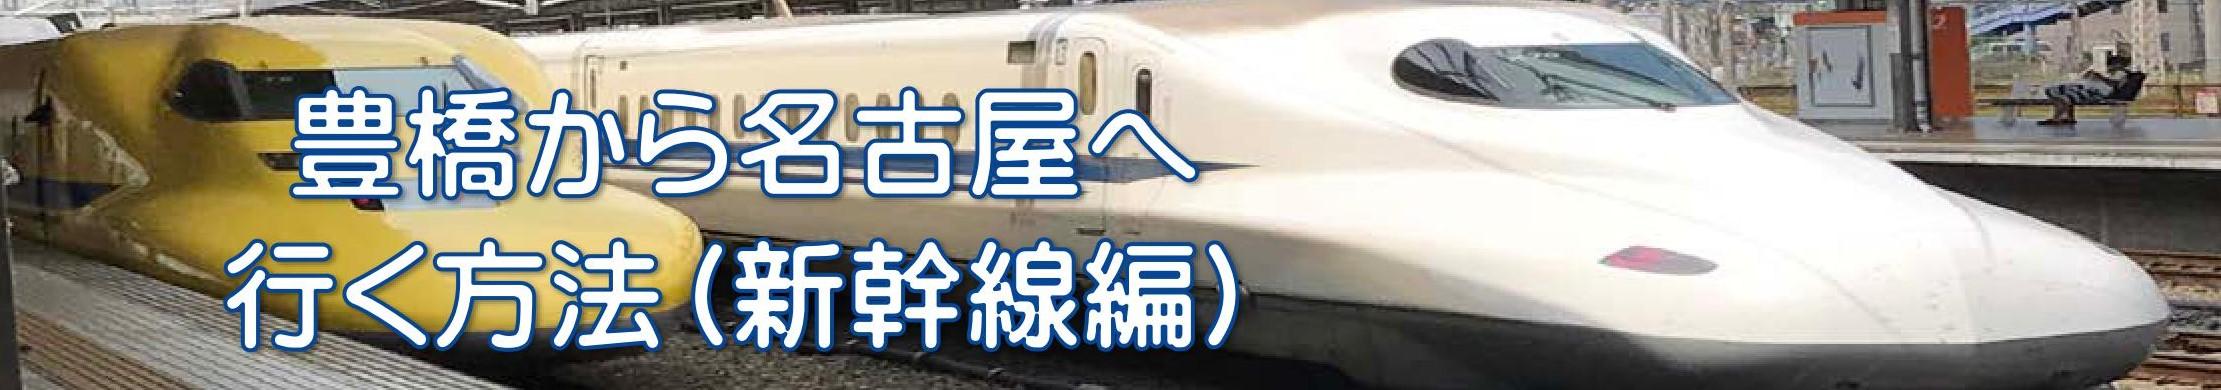 金券ショップフリーチケット豊橋西駅・新幹線で豊橋から名古屋へ